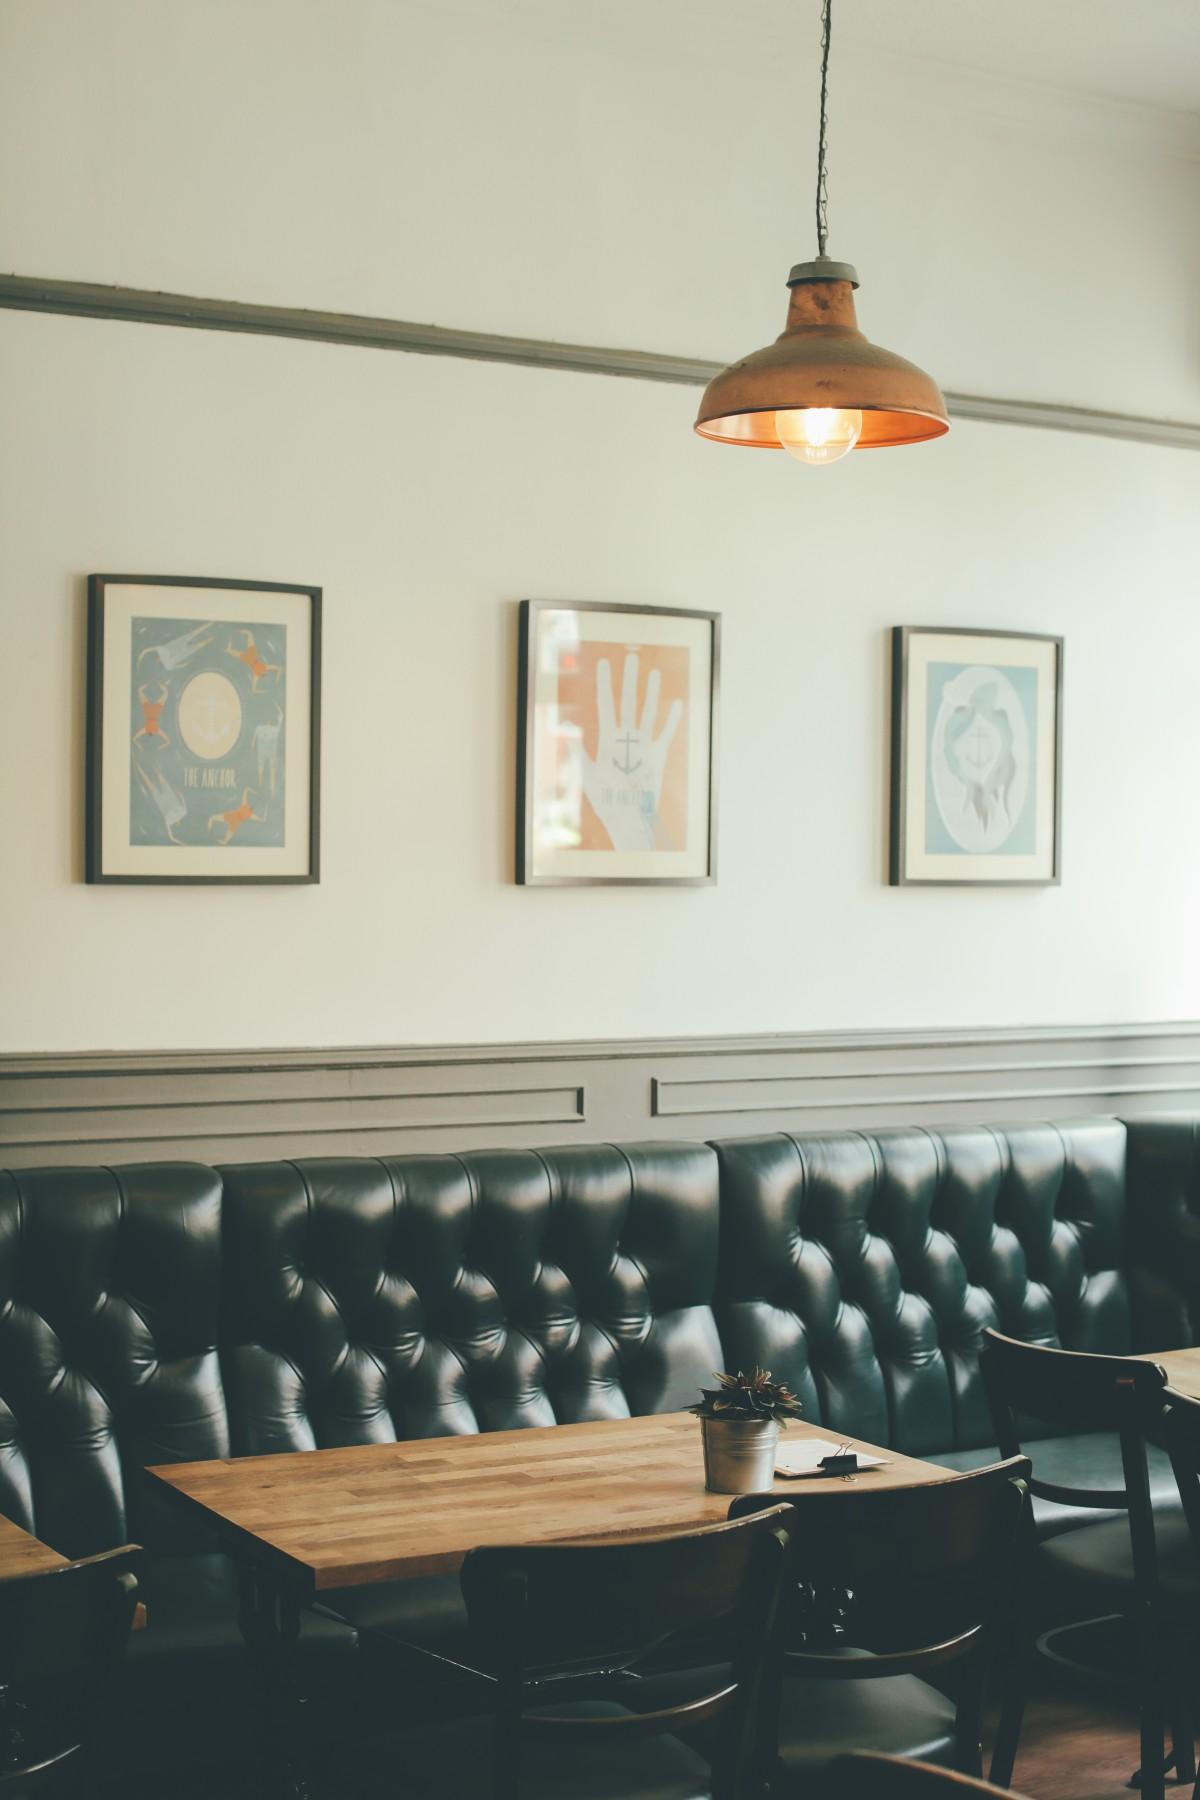 Fotos gratis restaurante casa sala habitaci n - Iluminacion de interiores ...